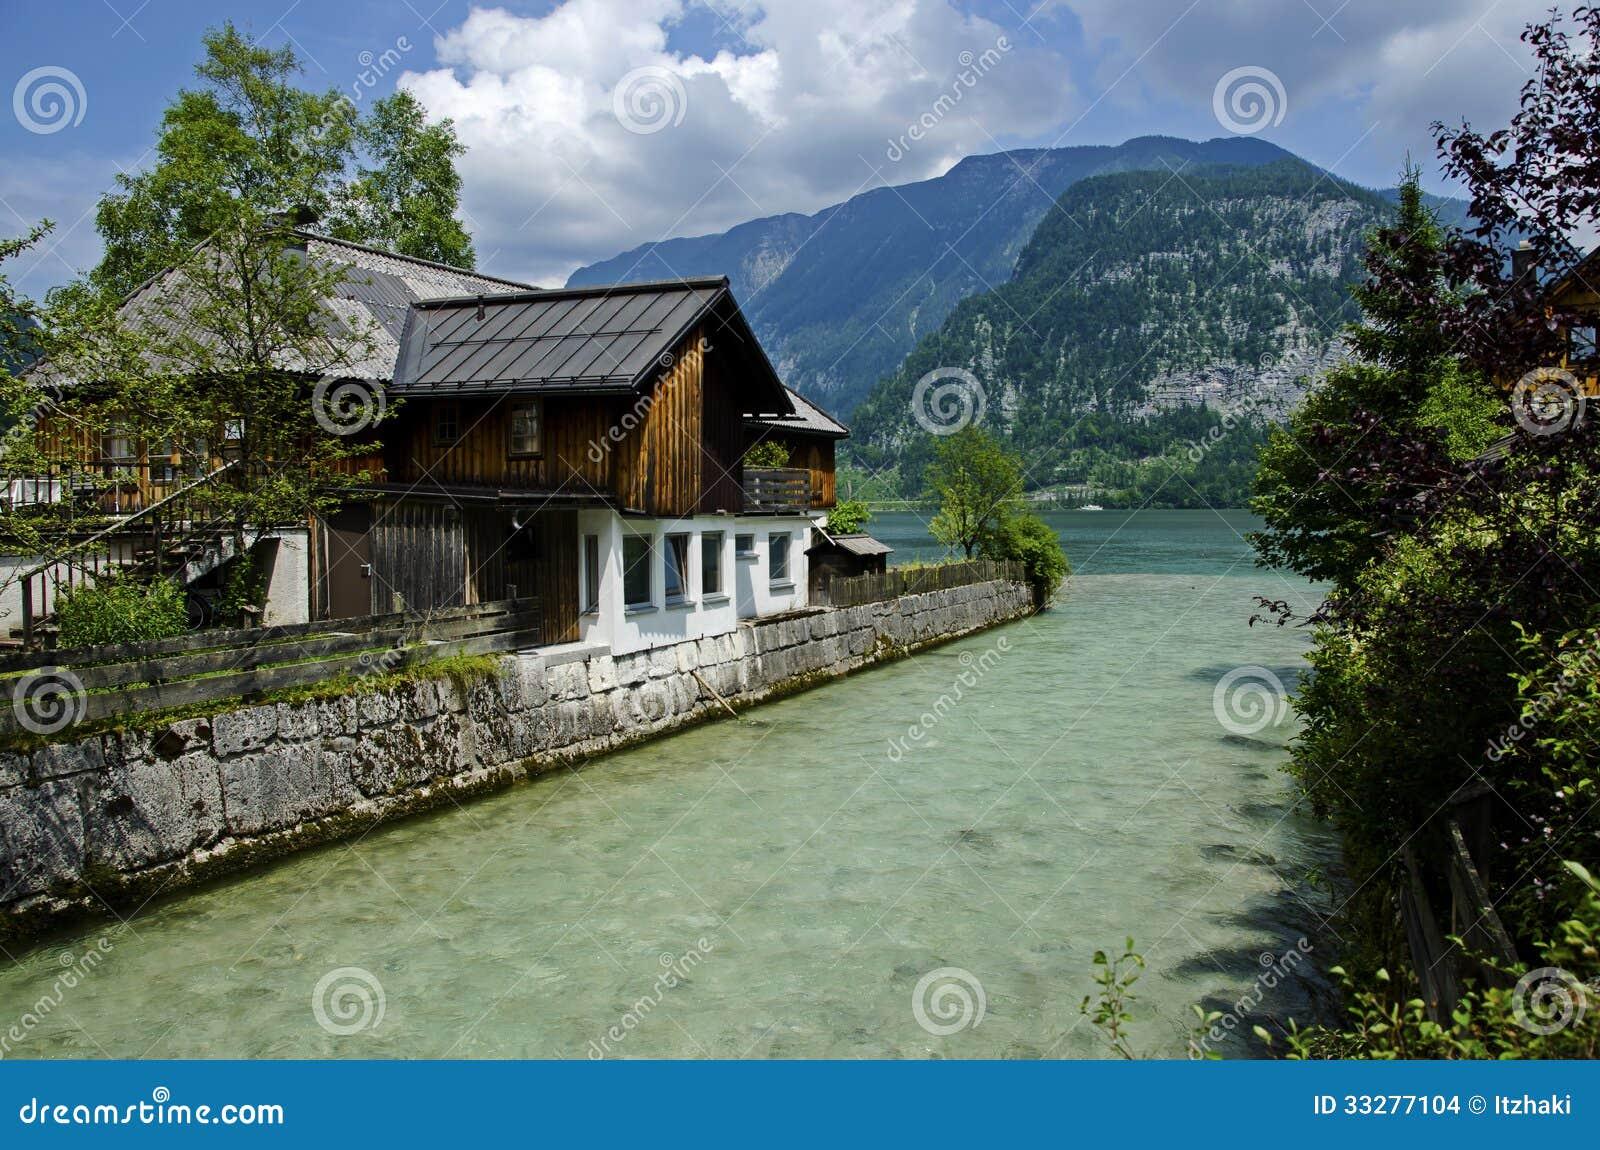 Belle maison au bord d 39 une rivi re et d 39 un lac images for Achat d un maison